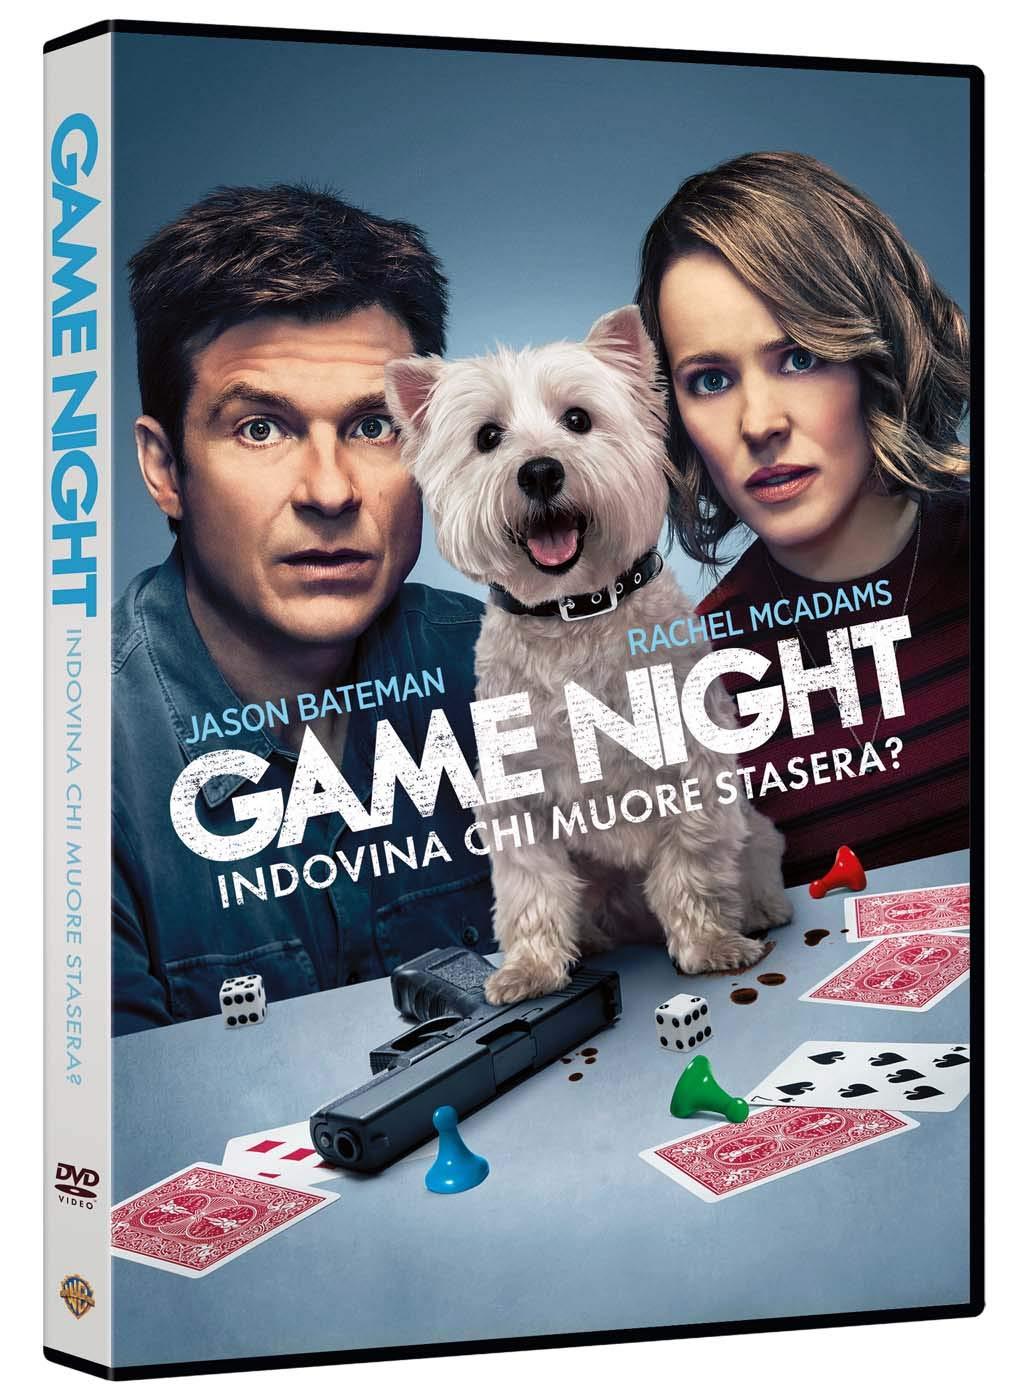 GAME NIGHT - INDOVINA CHI MUORE STASERA? (DVD)